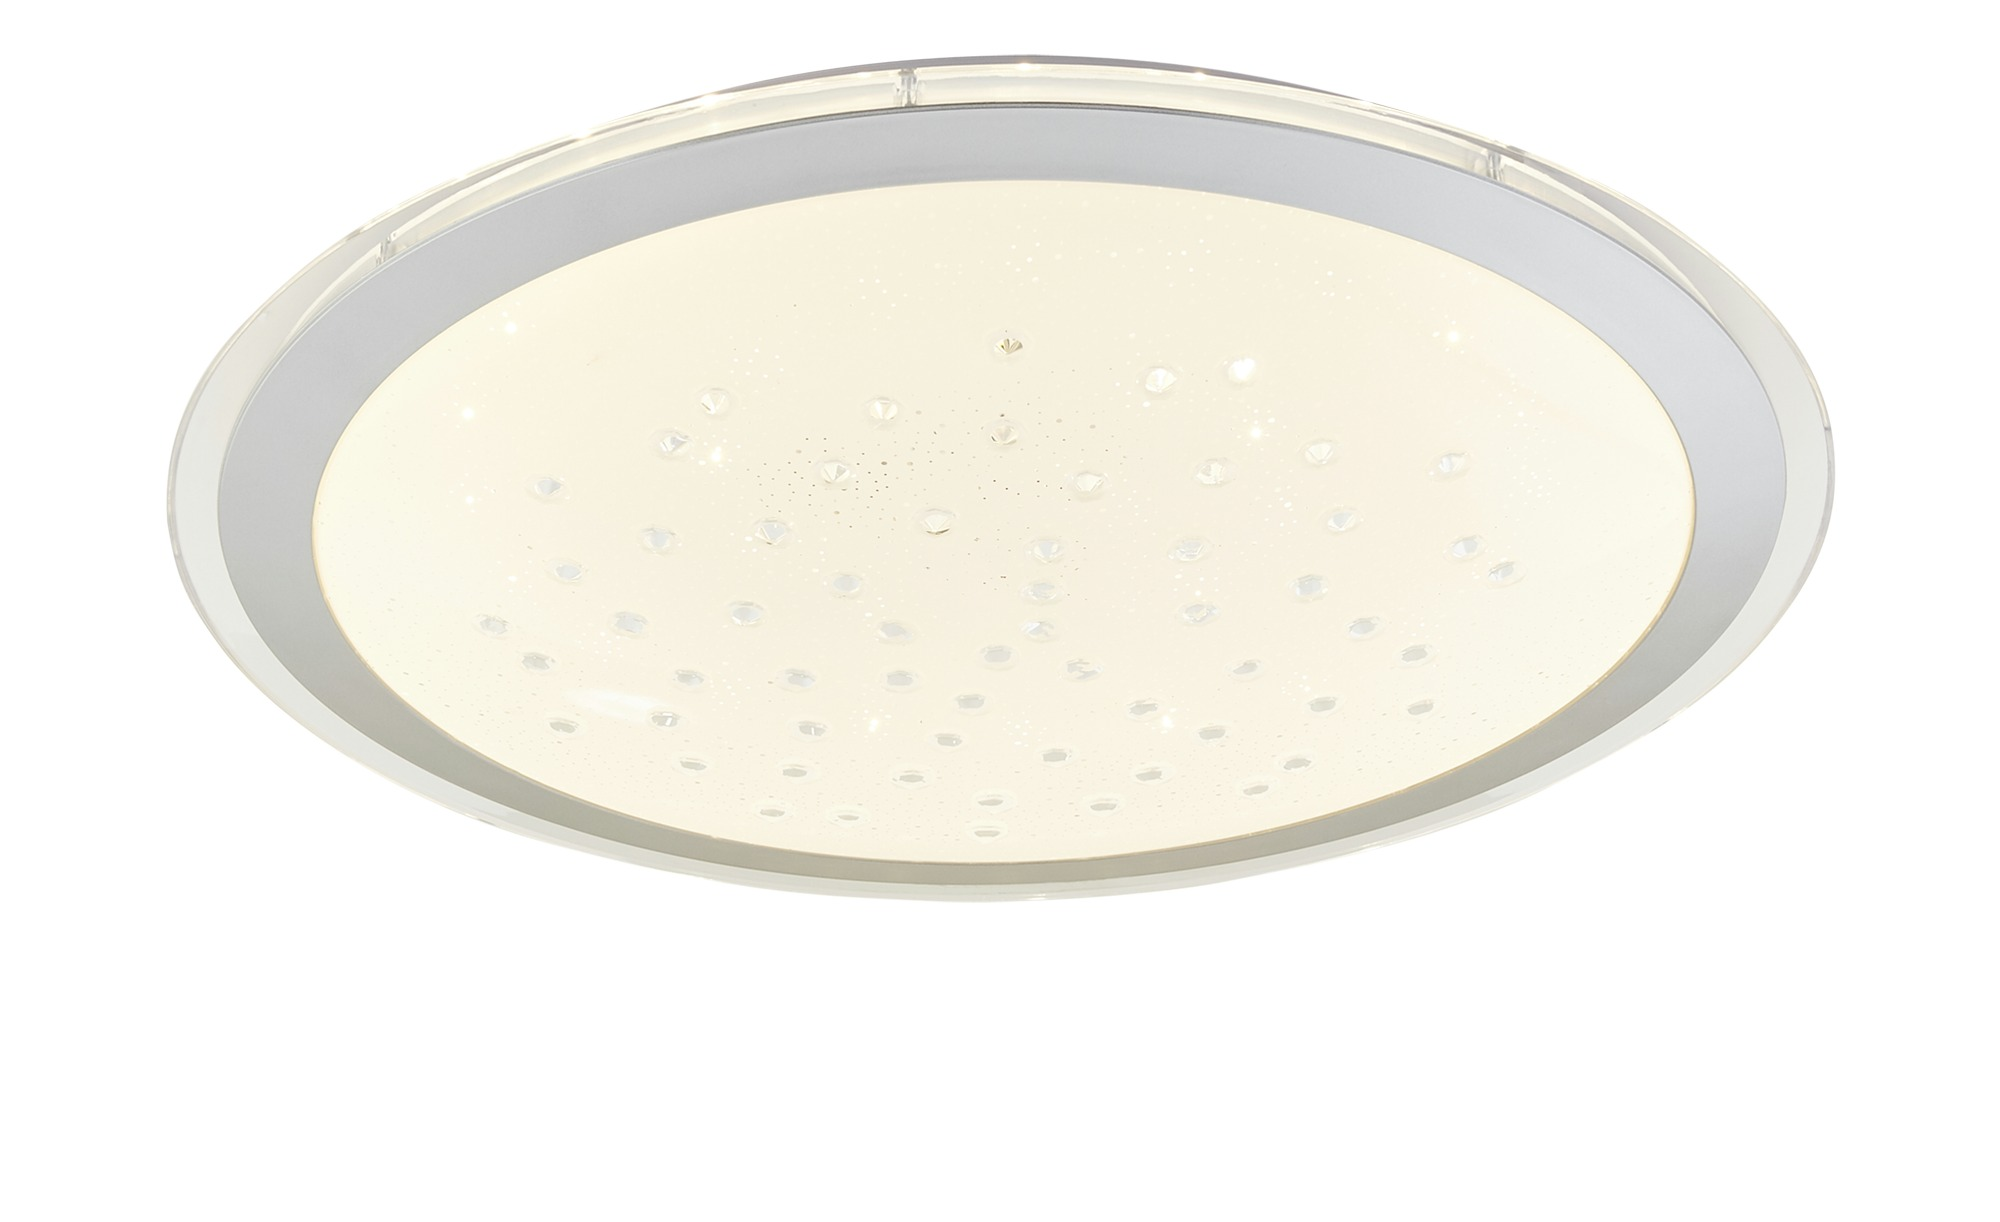 KHG LED-Deckenleuchte, 1-flammig, Schirm mit Glasperlen ¦ weiß ¦ Maße (cm): H: 11 Ø: 53 Lampen & Leuchten > Innenleuchten > Deckenleuchten - Höffner